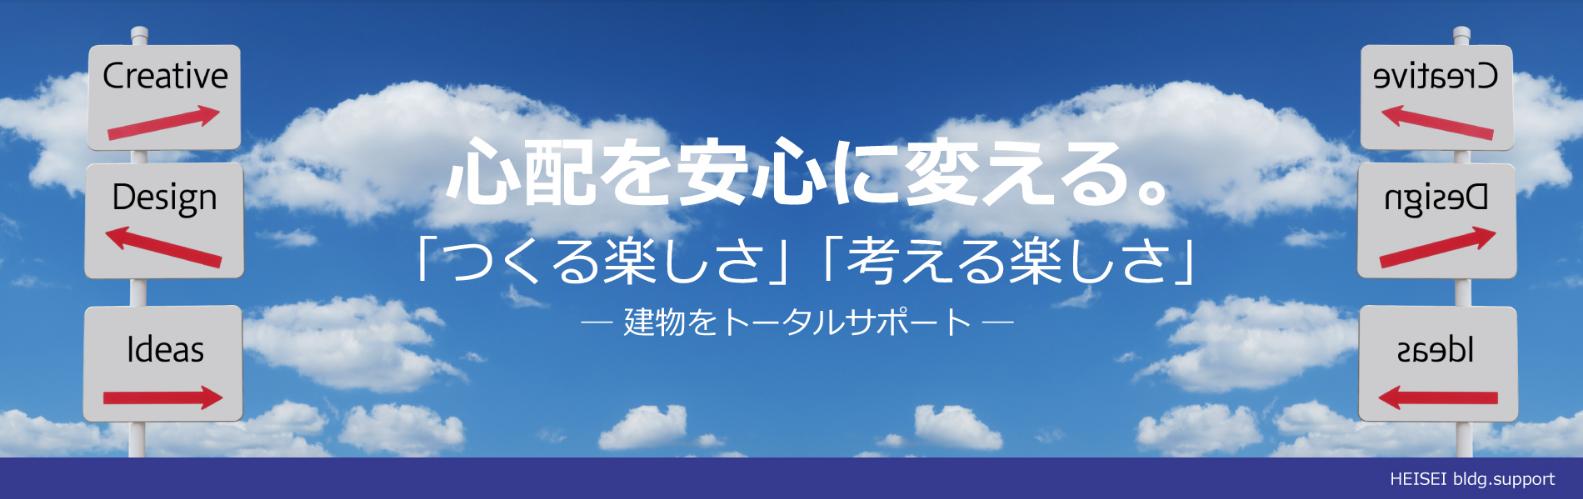 平成・ビルサポート株式会社